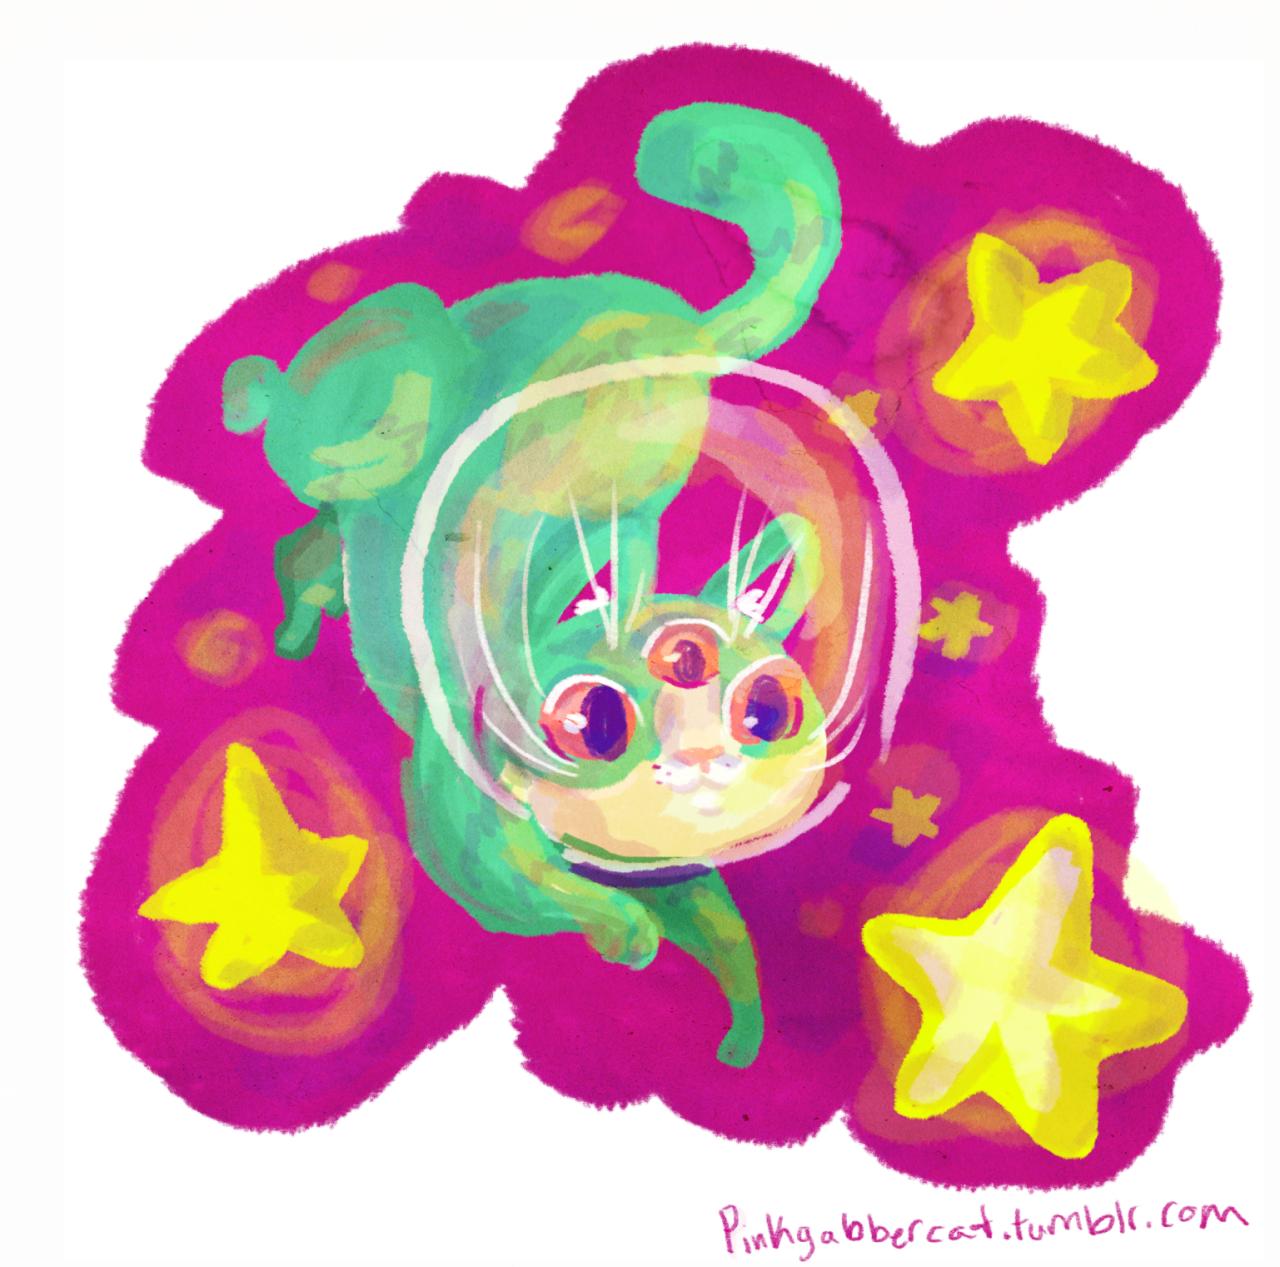 spacecat2.png